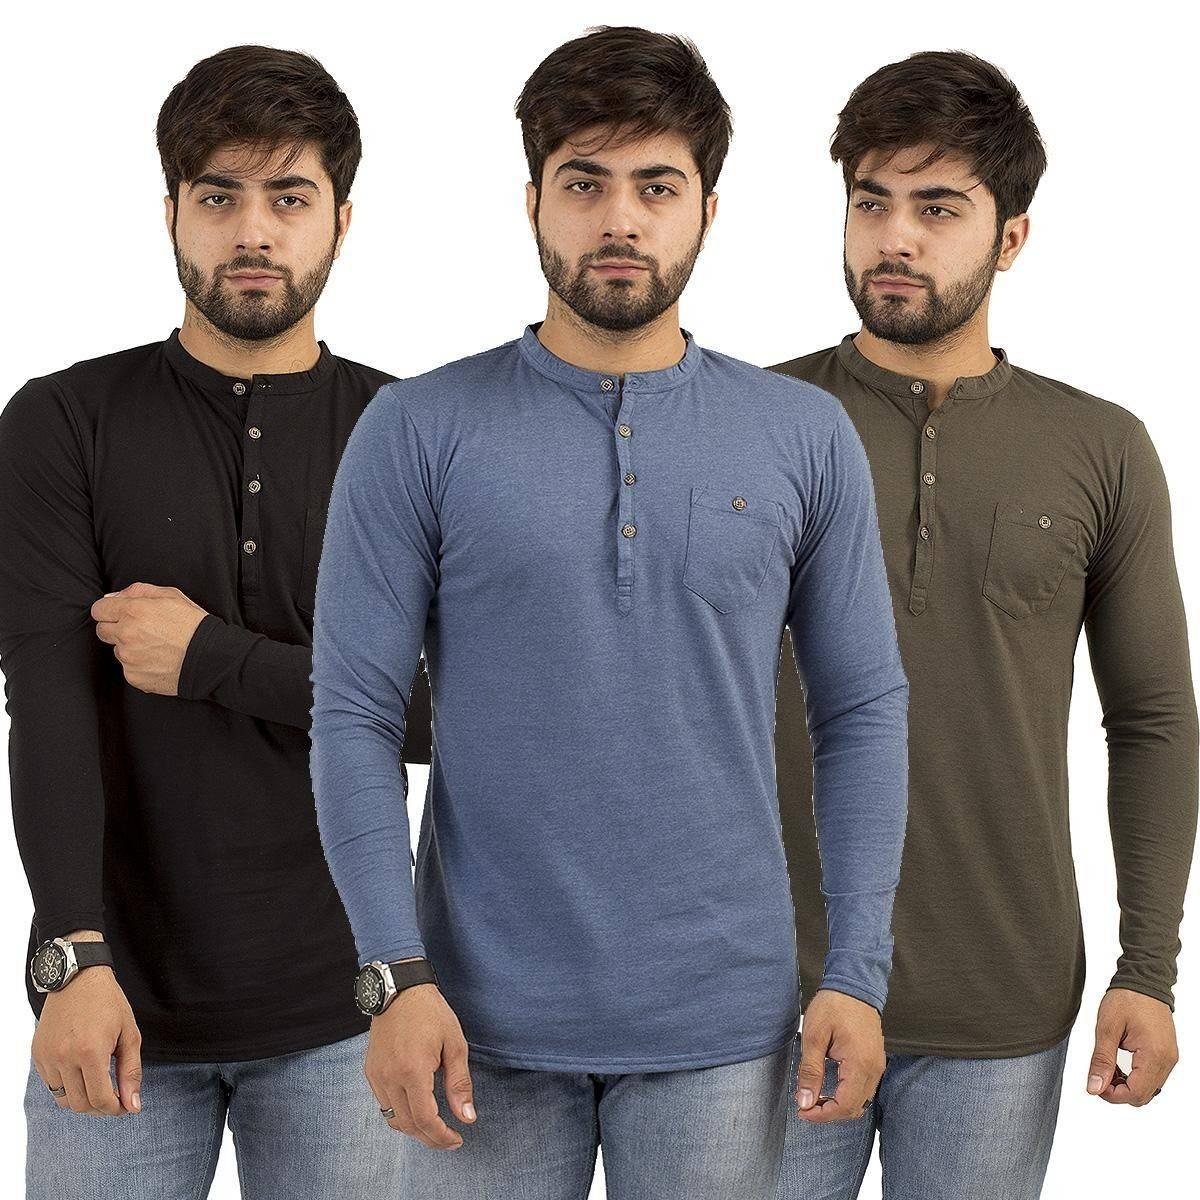 Pz Full Sleeves Kurti Plain Pocket Multicolor Pack Of 3 Tshirt For Men